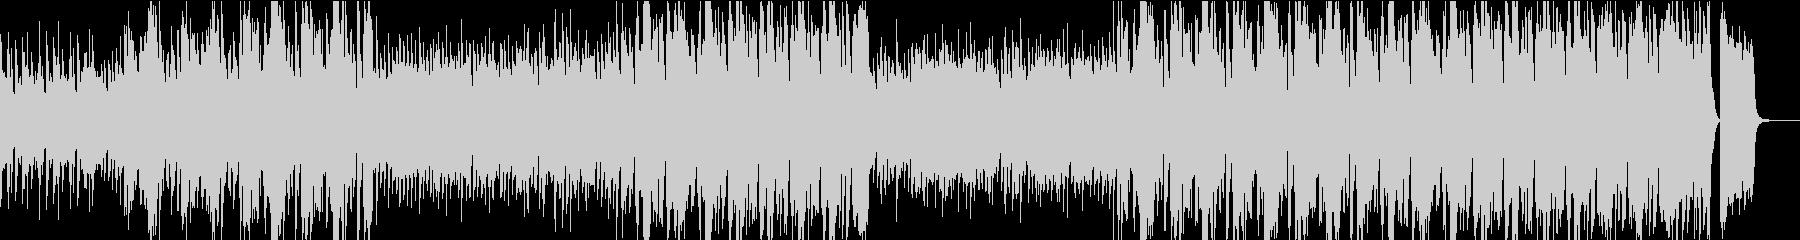 ノリの良いビッグバンドスイングジャズの未再生の波形